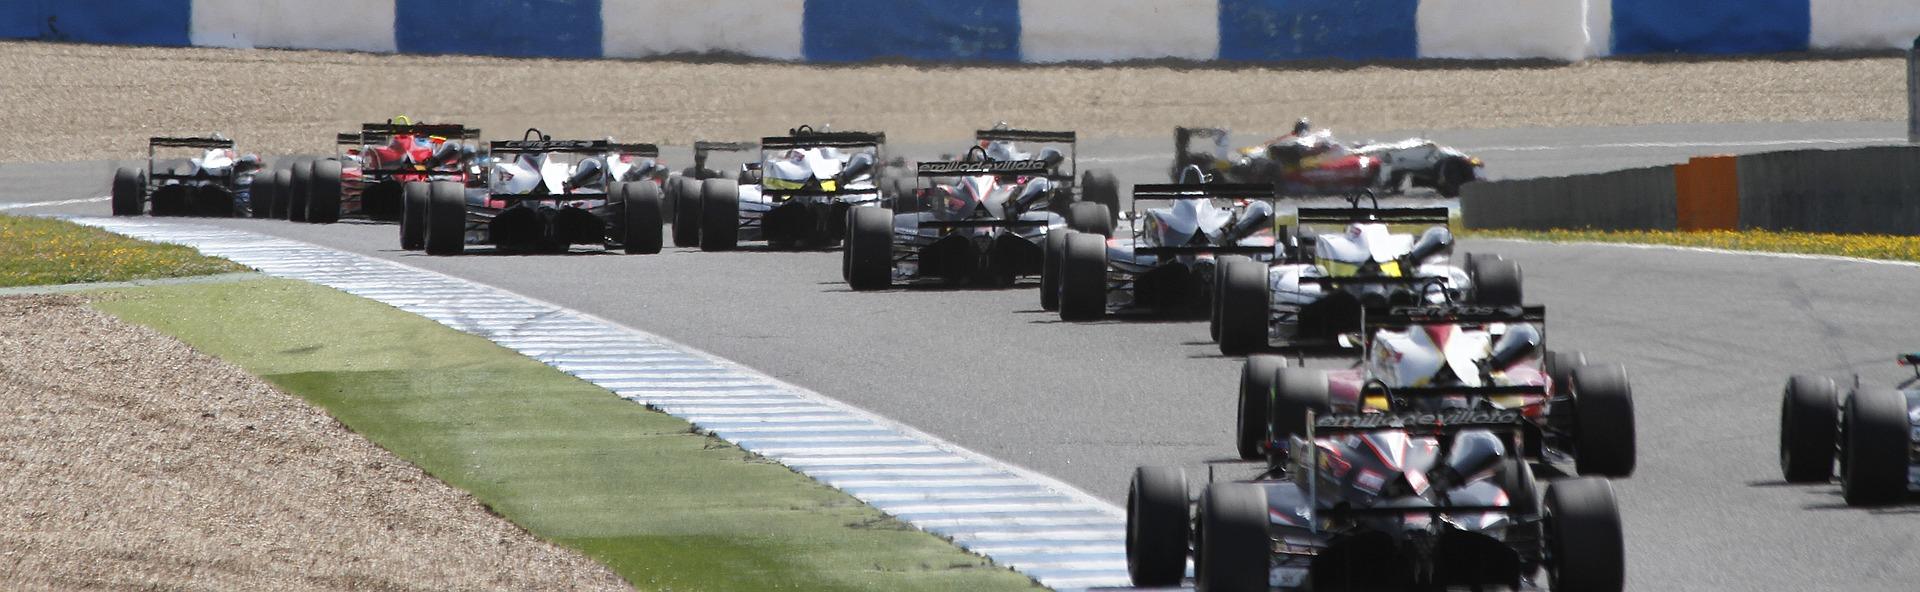 Formule 1 Zandvoort Nog Geen Gedane Zaak Mnh